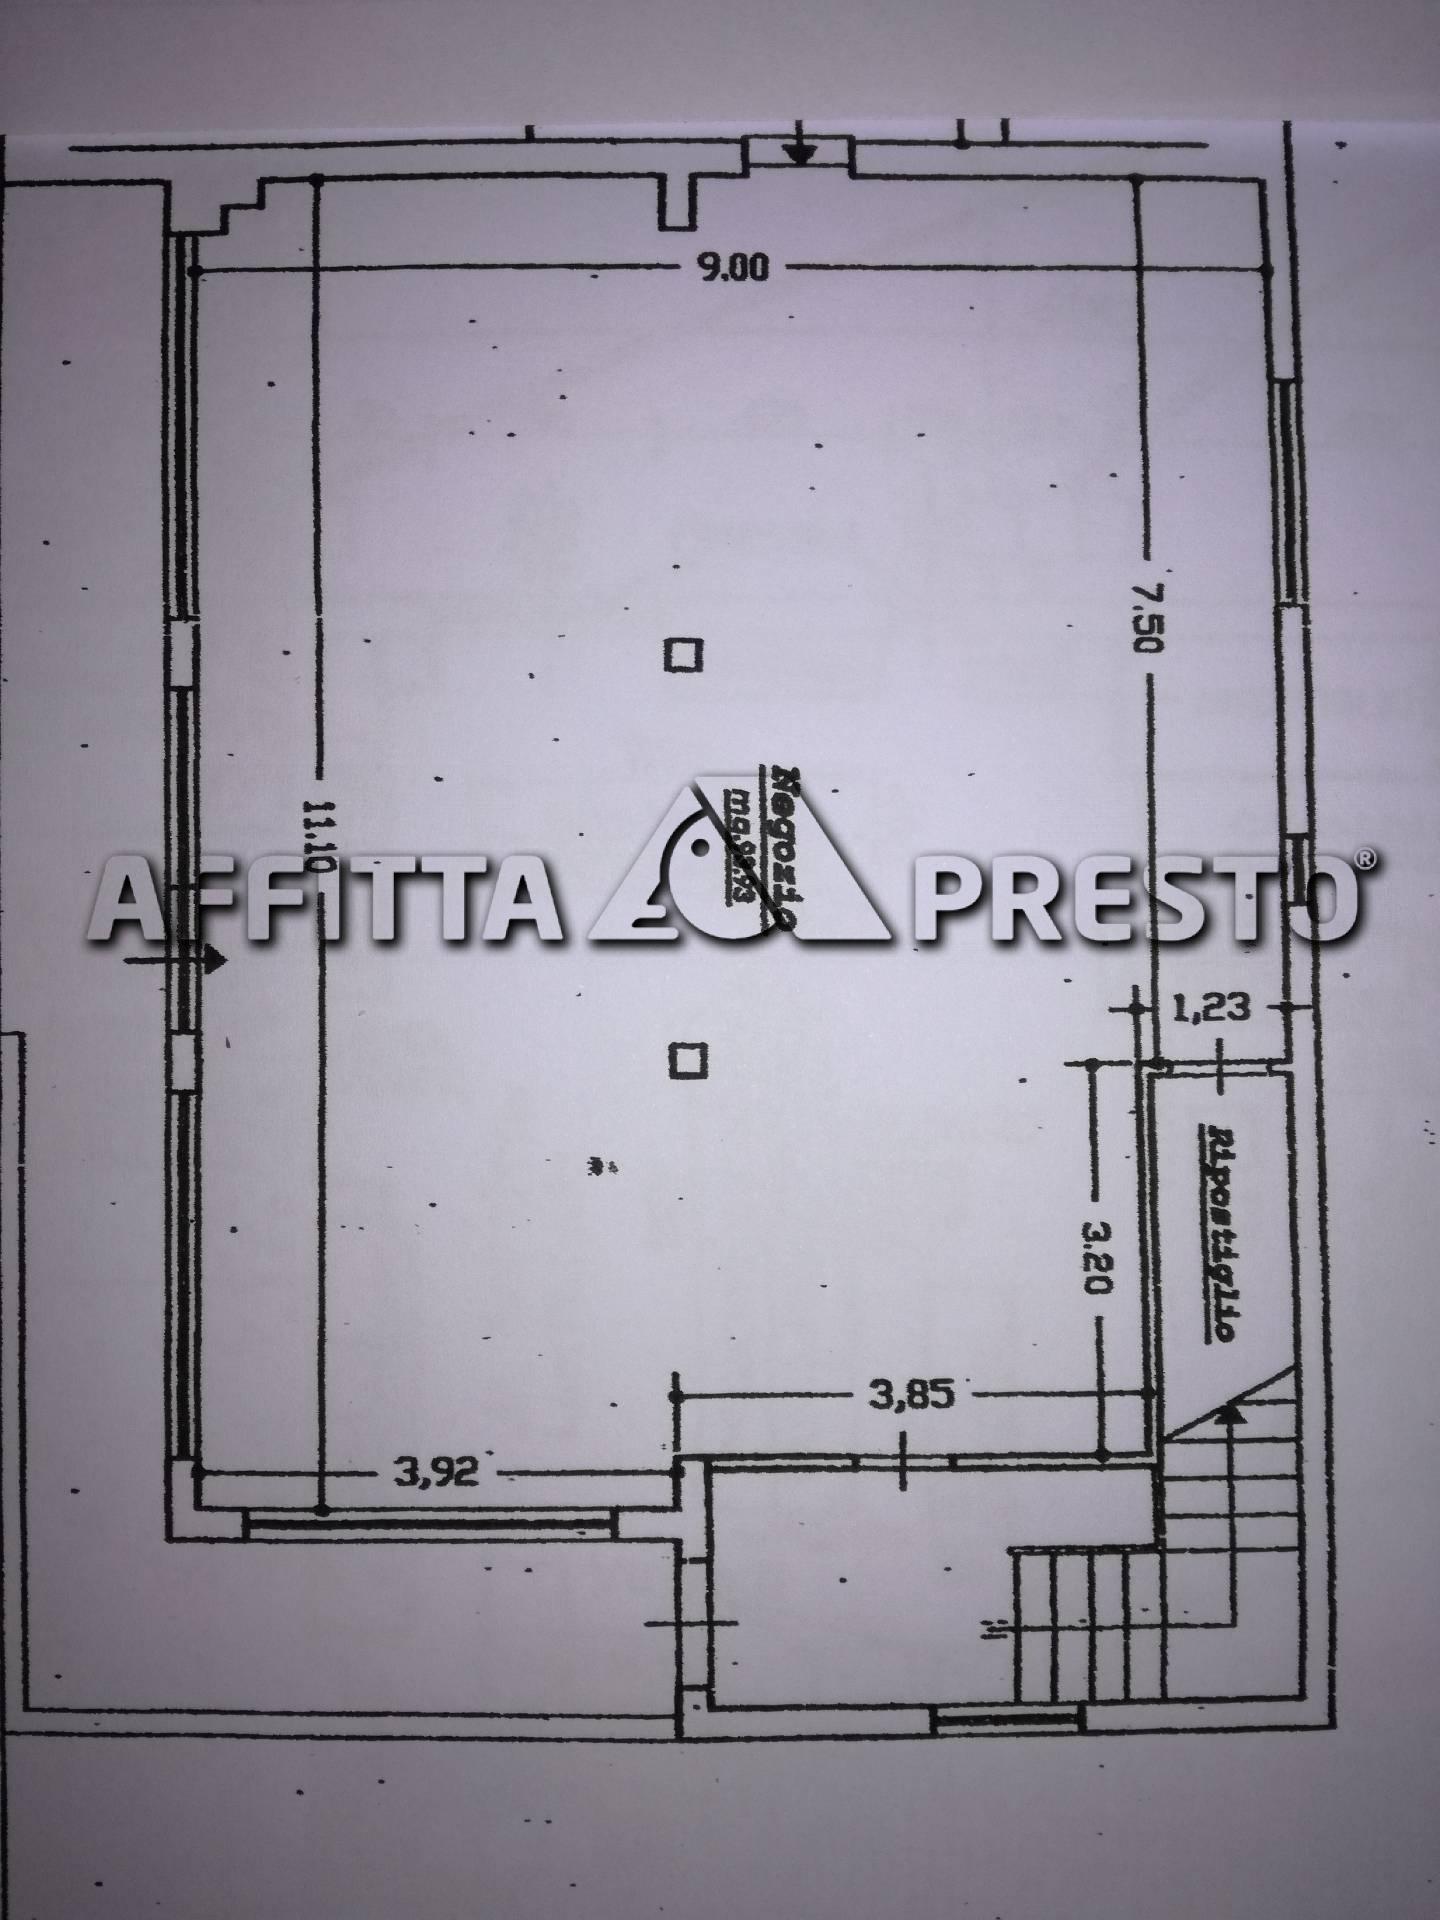 Attività commerciale in affitto a Capannoli (PI)